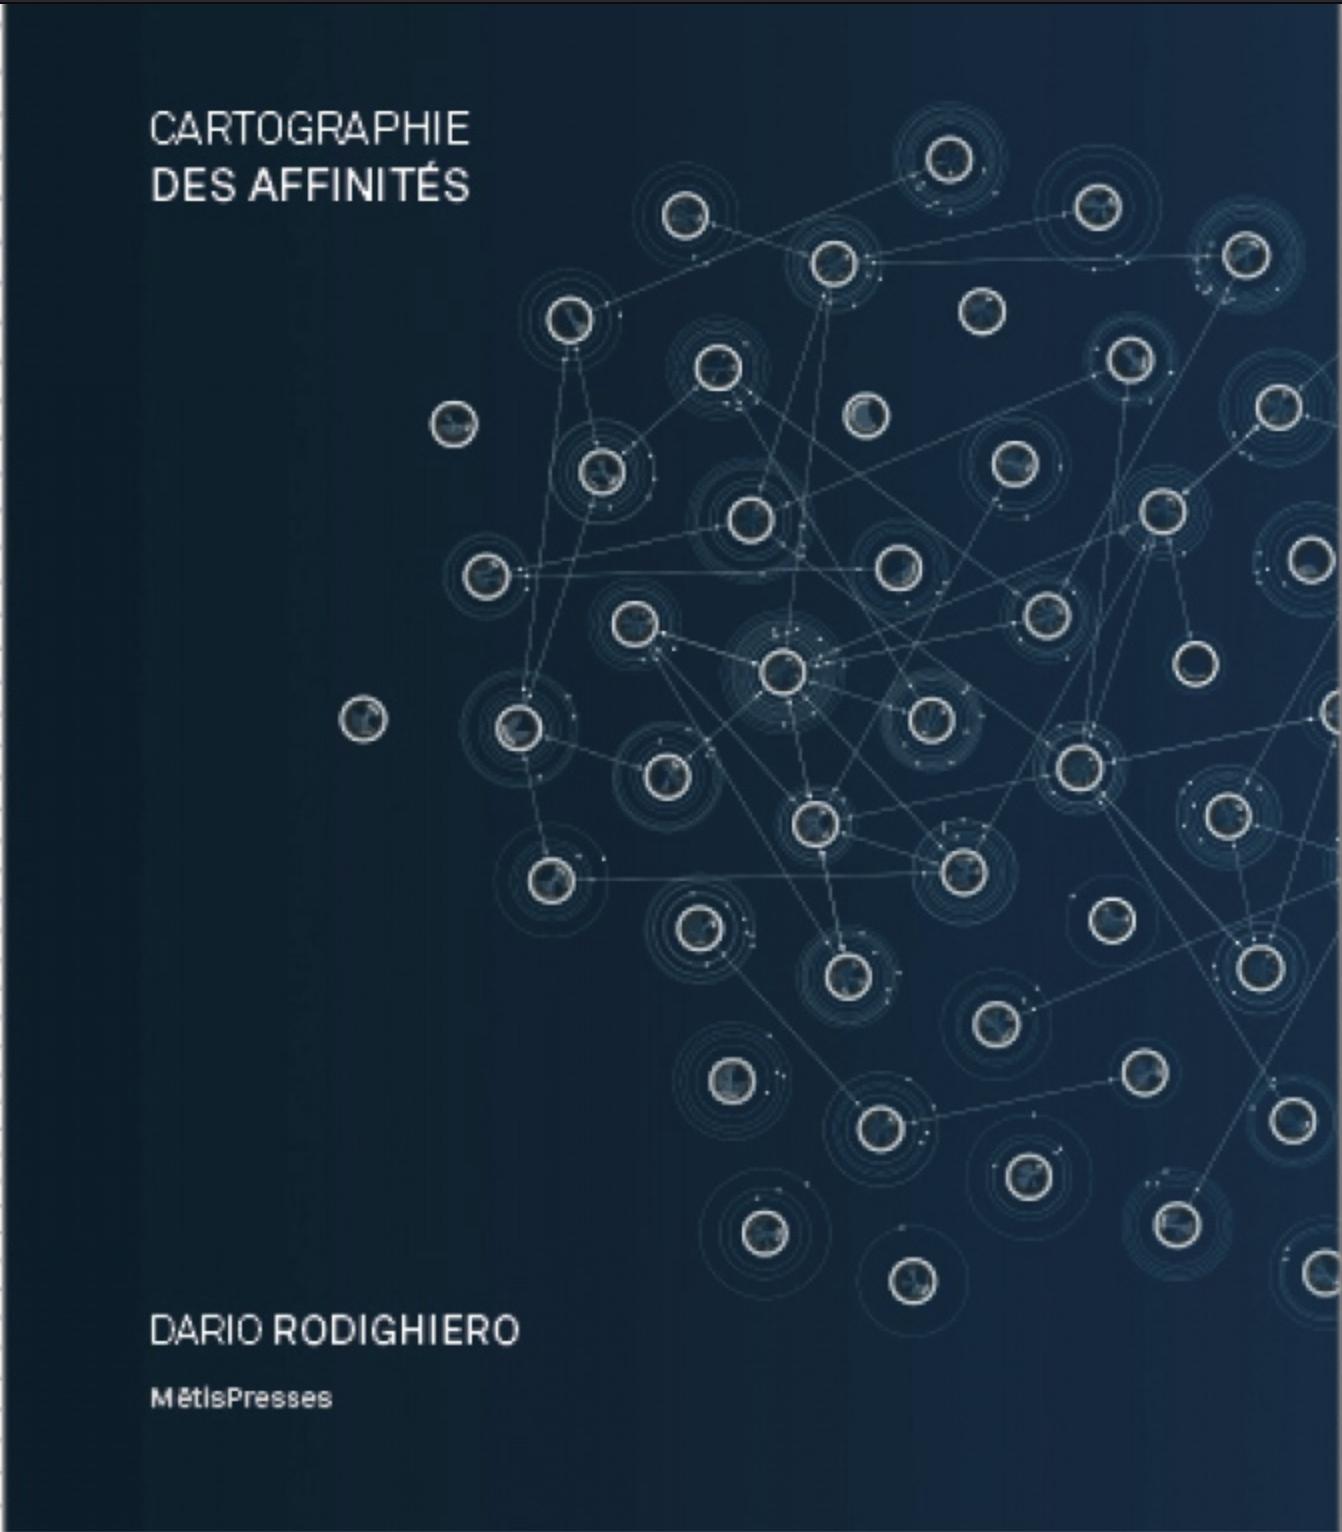 D. Rodighiero, Cartographie des affinités. Démocratiser la visualisation des données